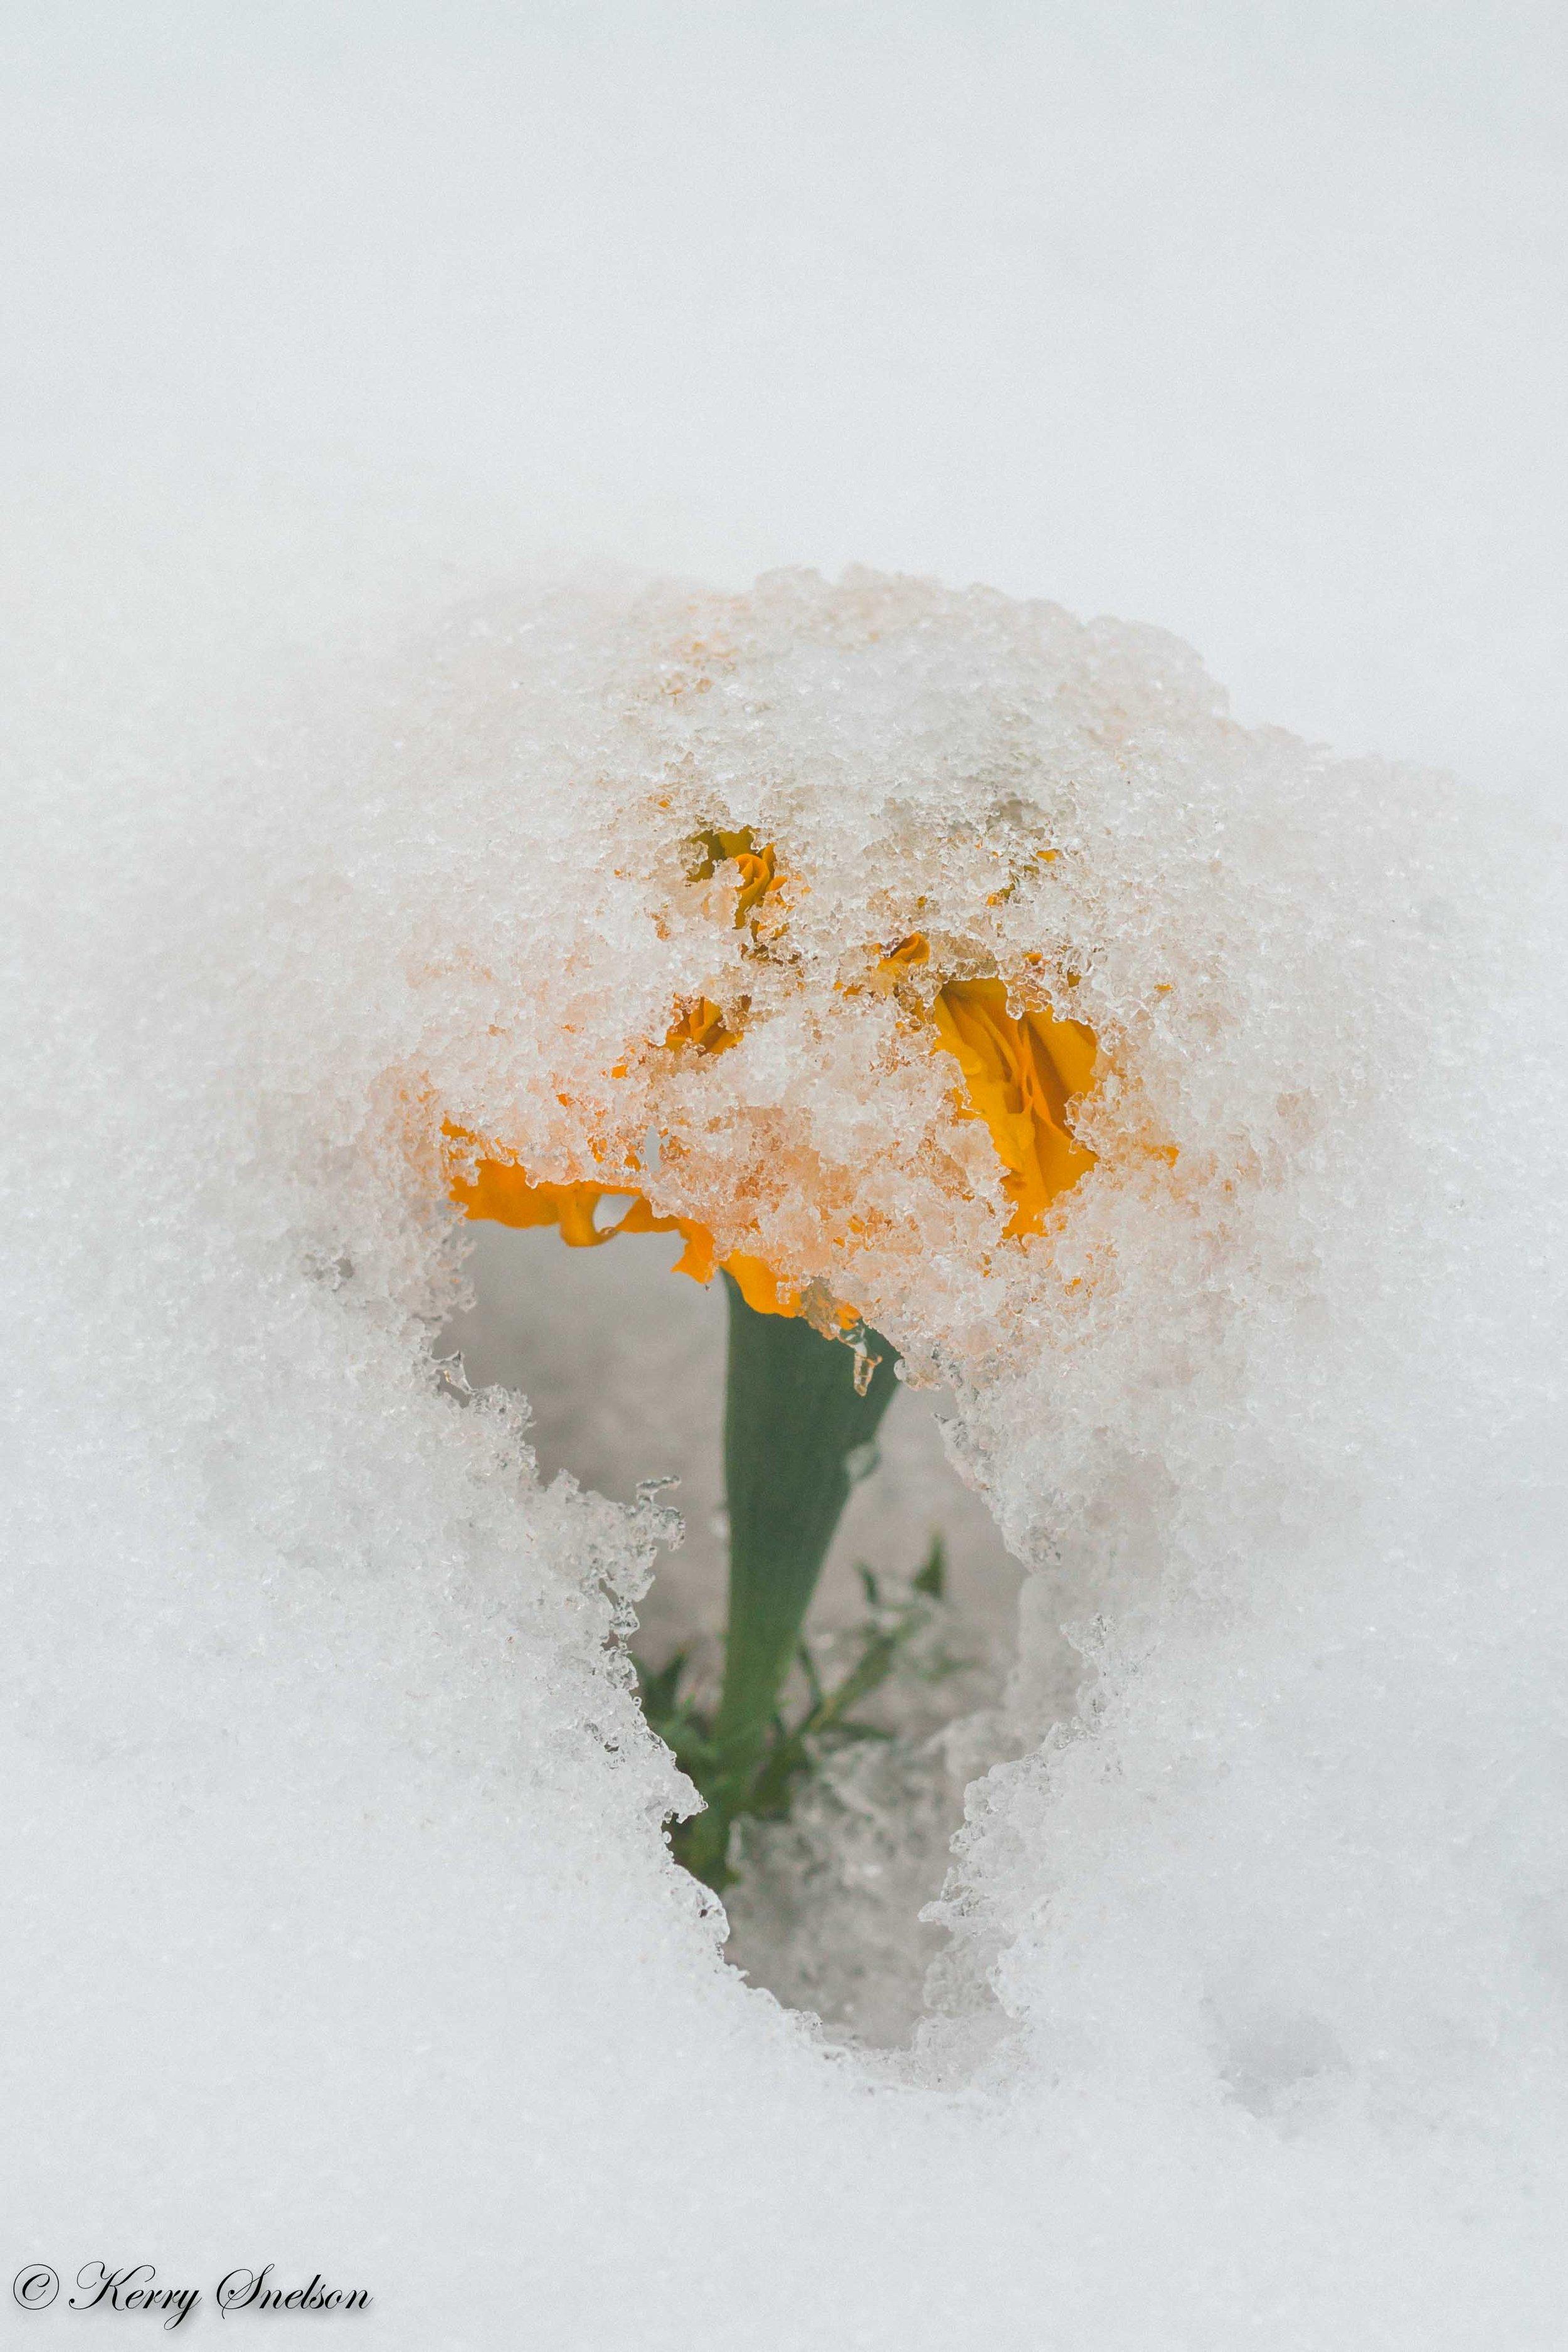 Snow Umbrella